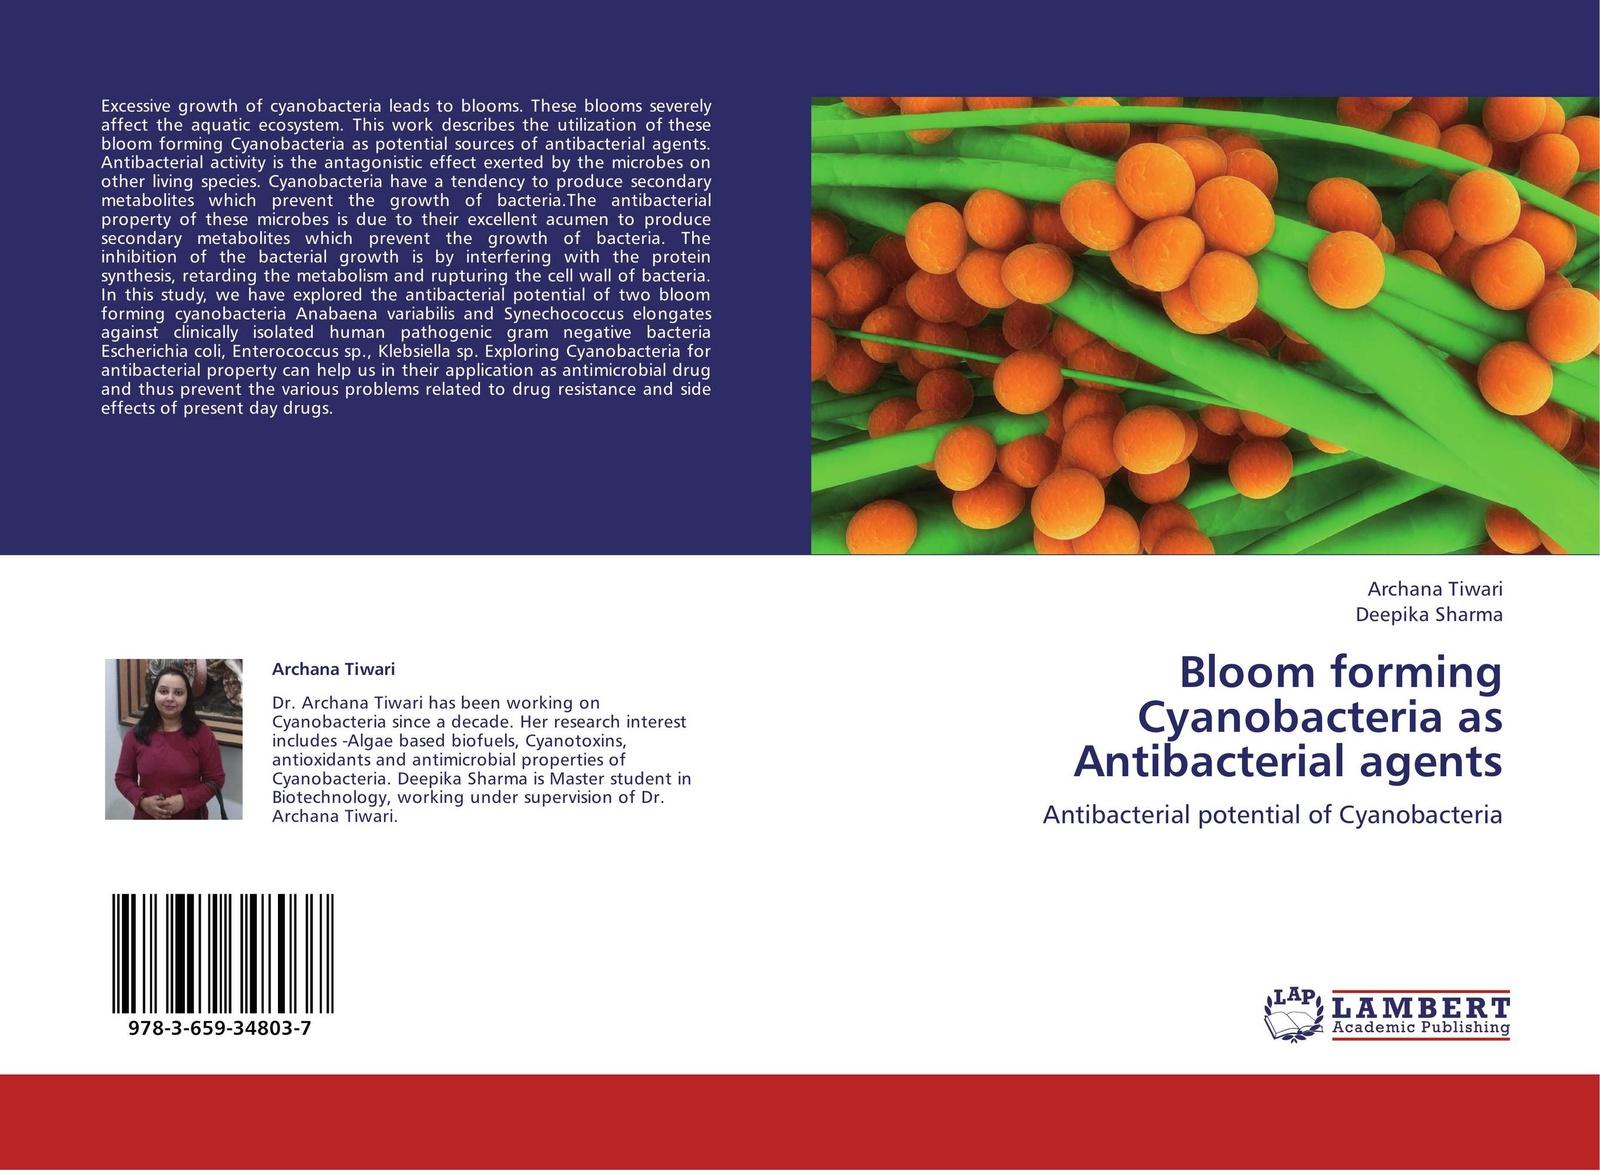 Archana Tiwari and Deepika Sharma Bloom forming Cyanobacteria as Antibacterial agents handbook of antibacterial agents